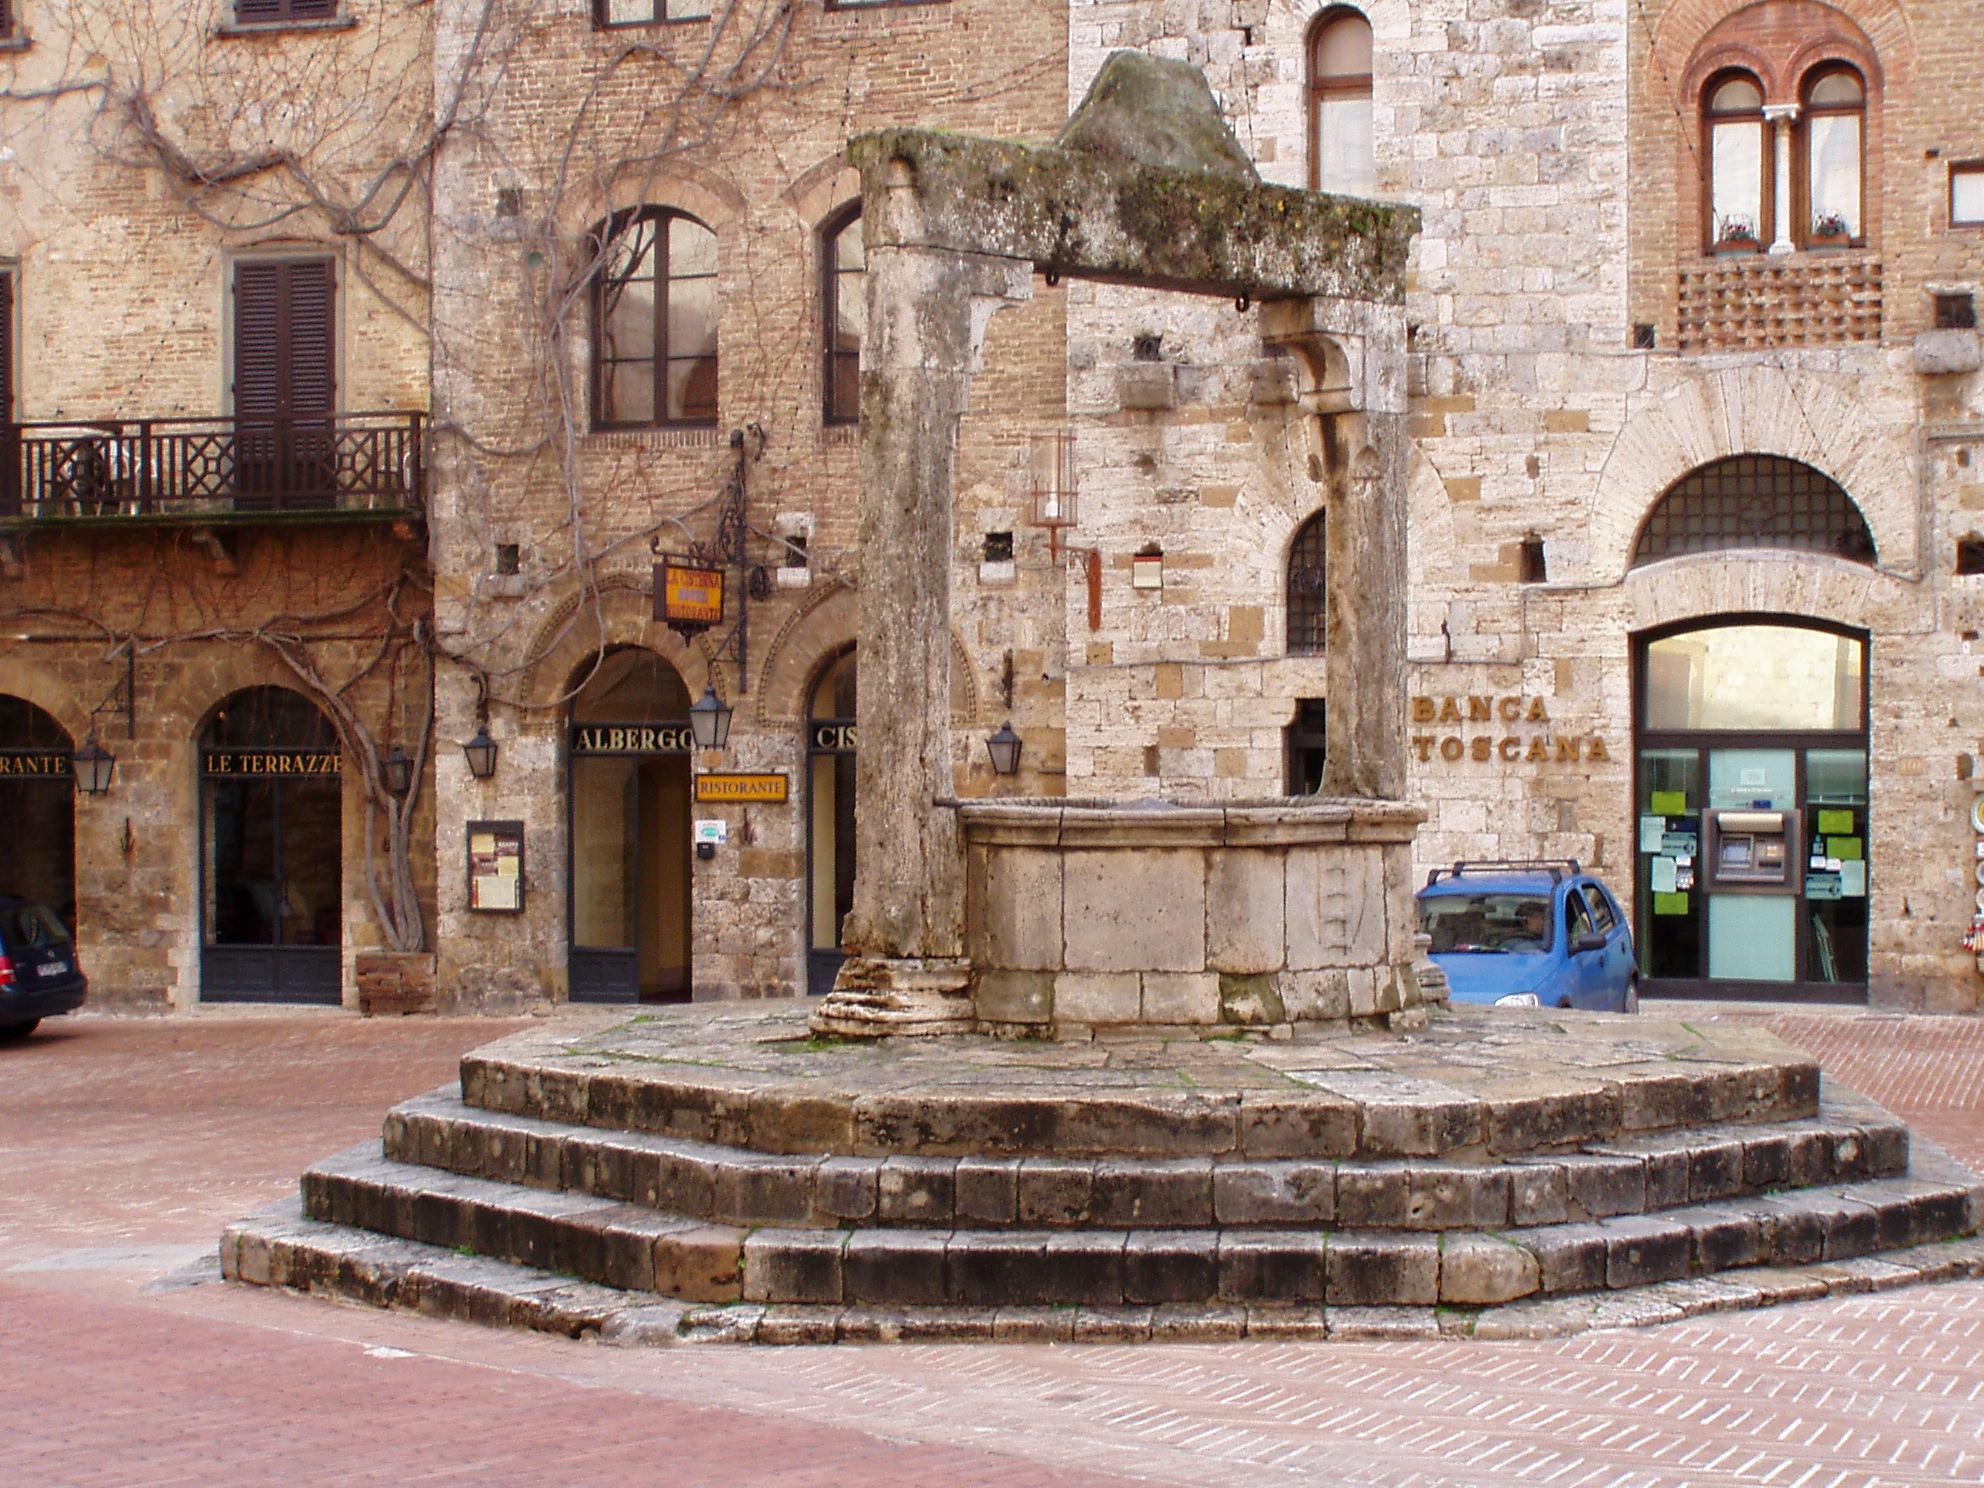 Una visita a San Giminiano, tra storia e turismo